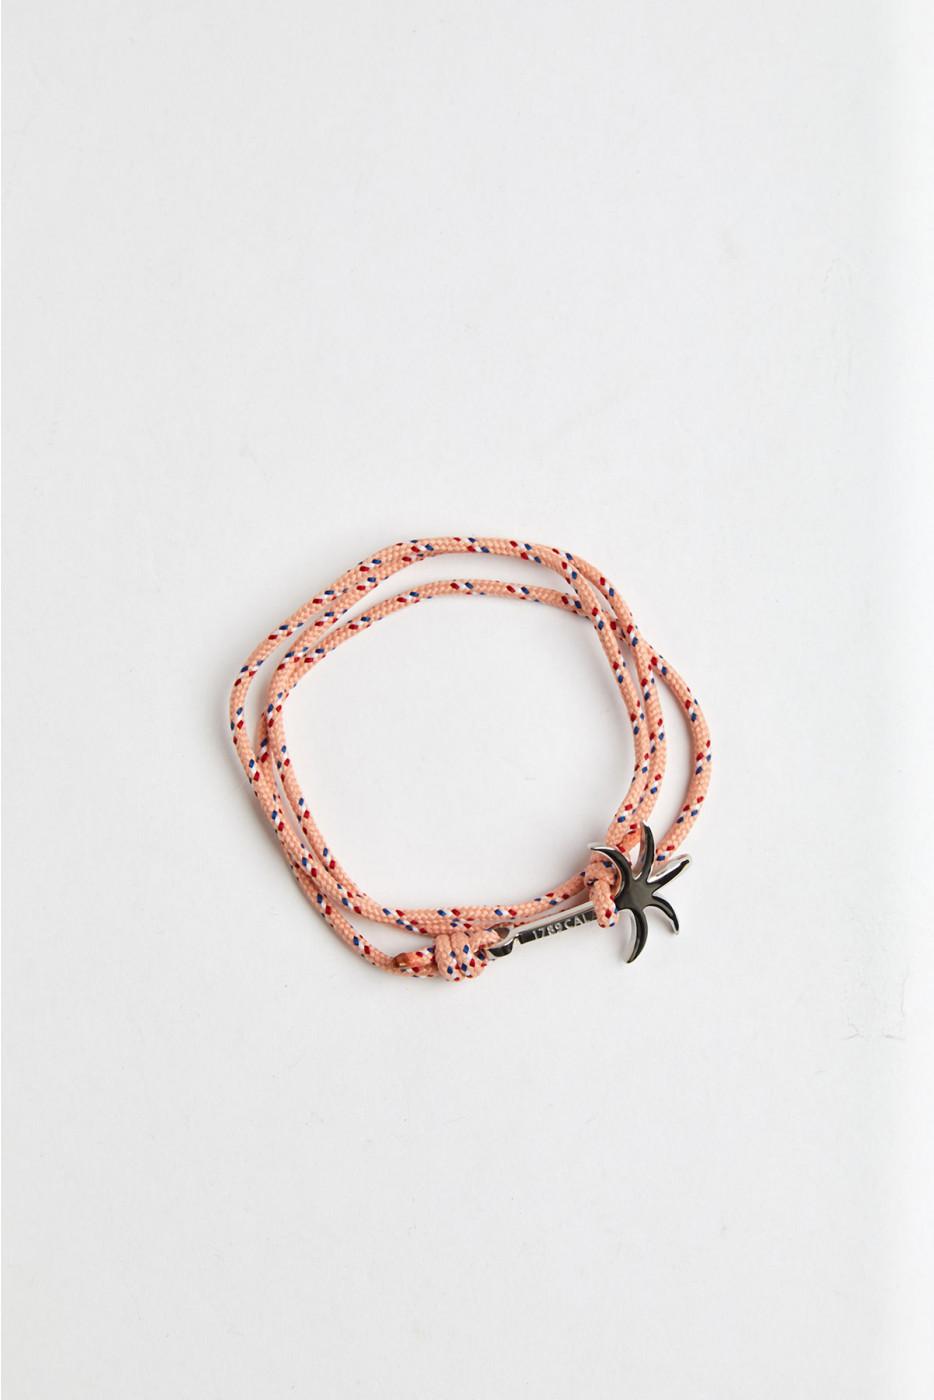 Bracelet Corde Malabar - PALMIER BARCELET